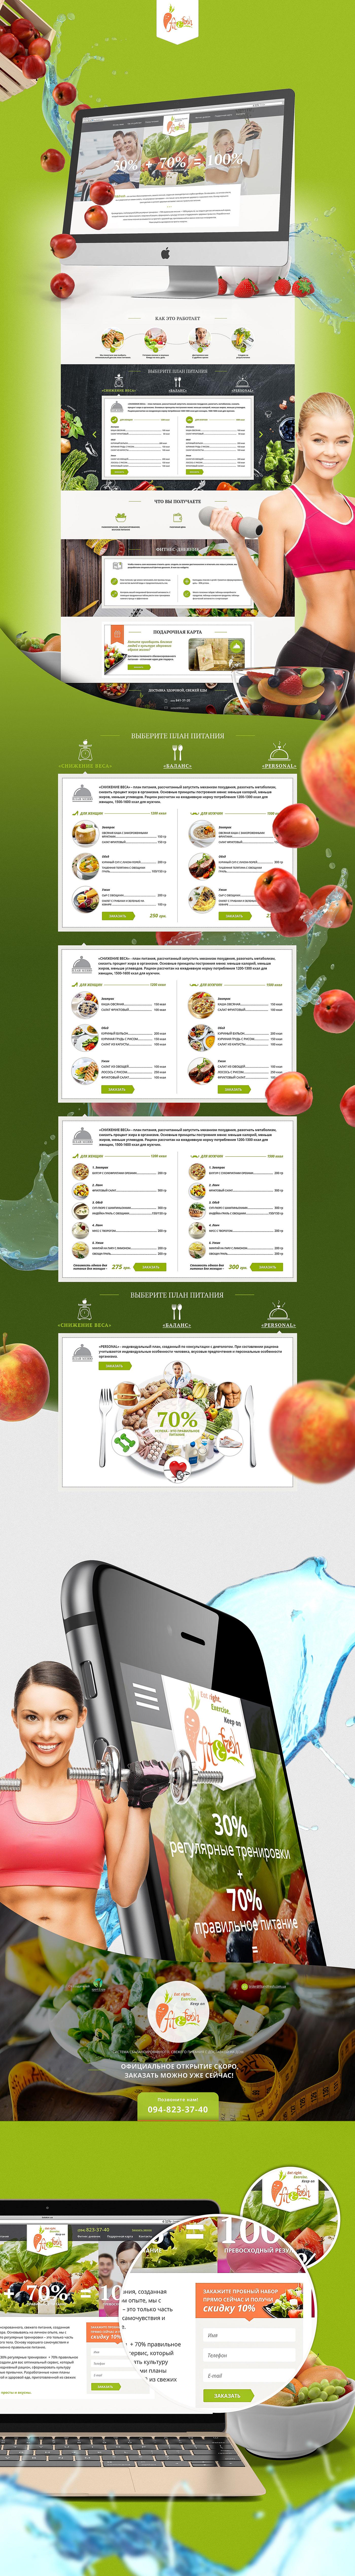 fit and fresh Website Web Design  presentation